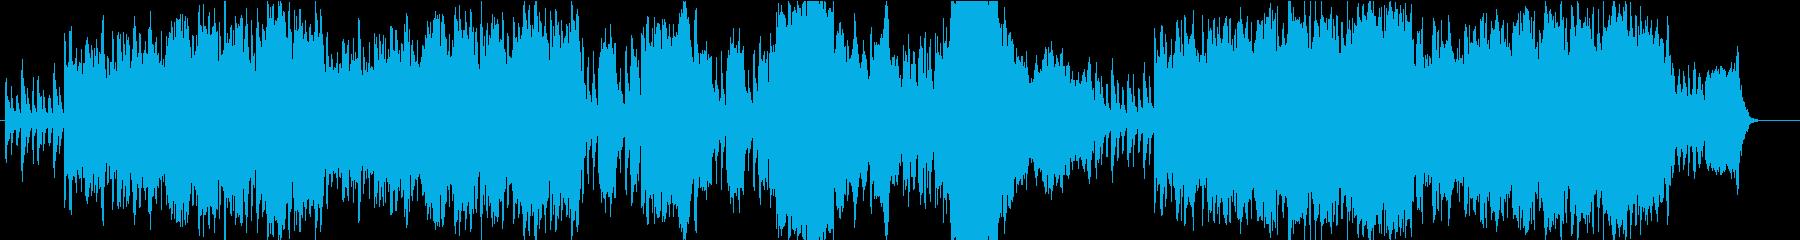 朗らかで牧歌的なオーケストラサウンドの再生済みの波形